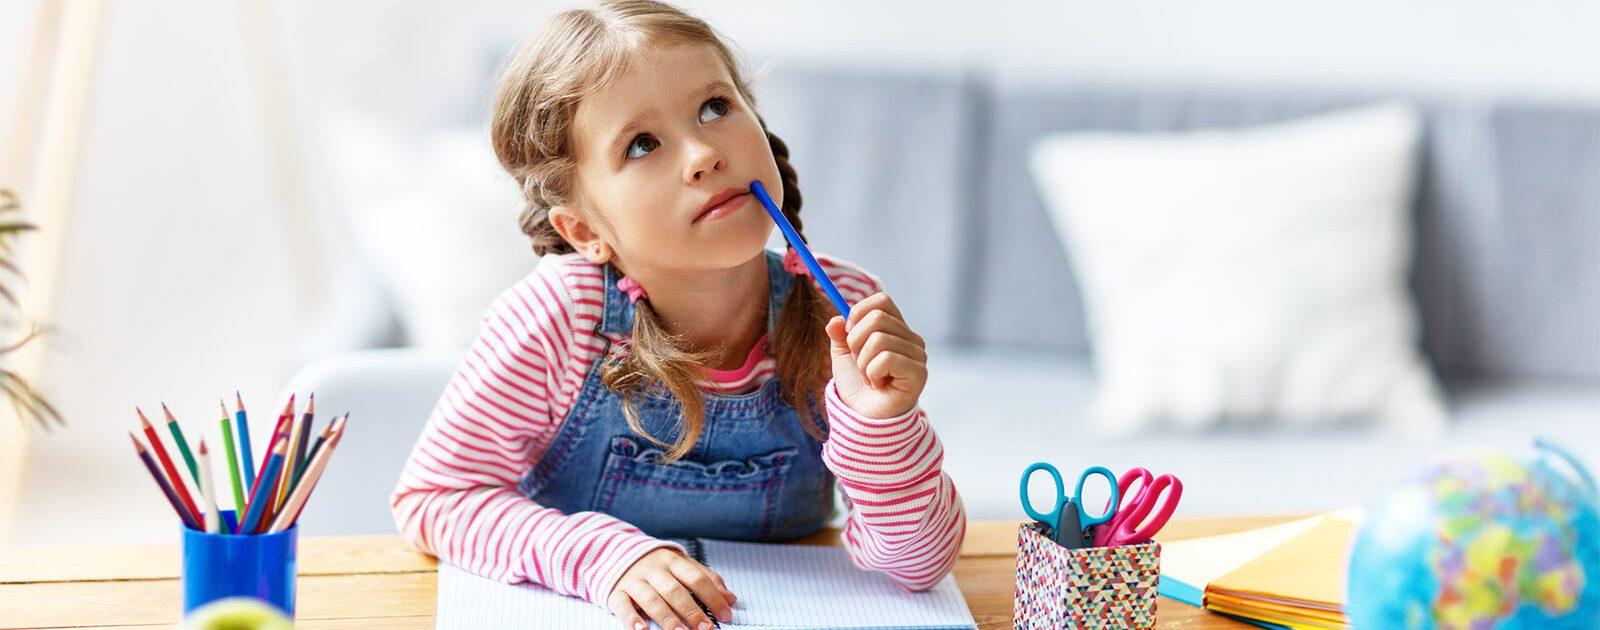 Kind mit Rueckenschmerzen am Schreibtisch